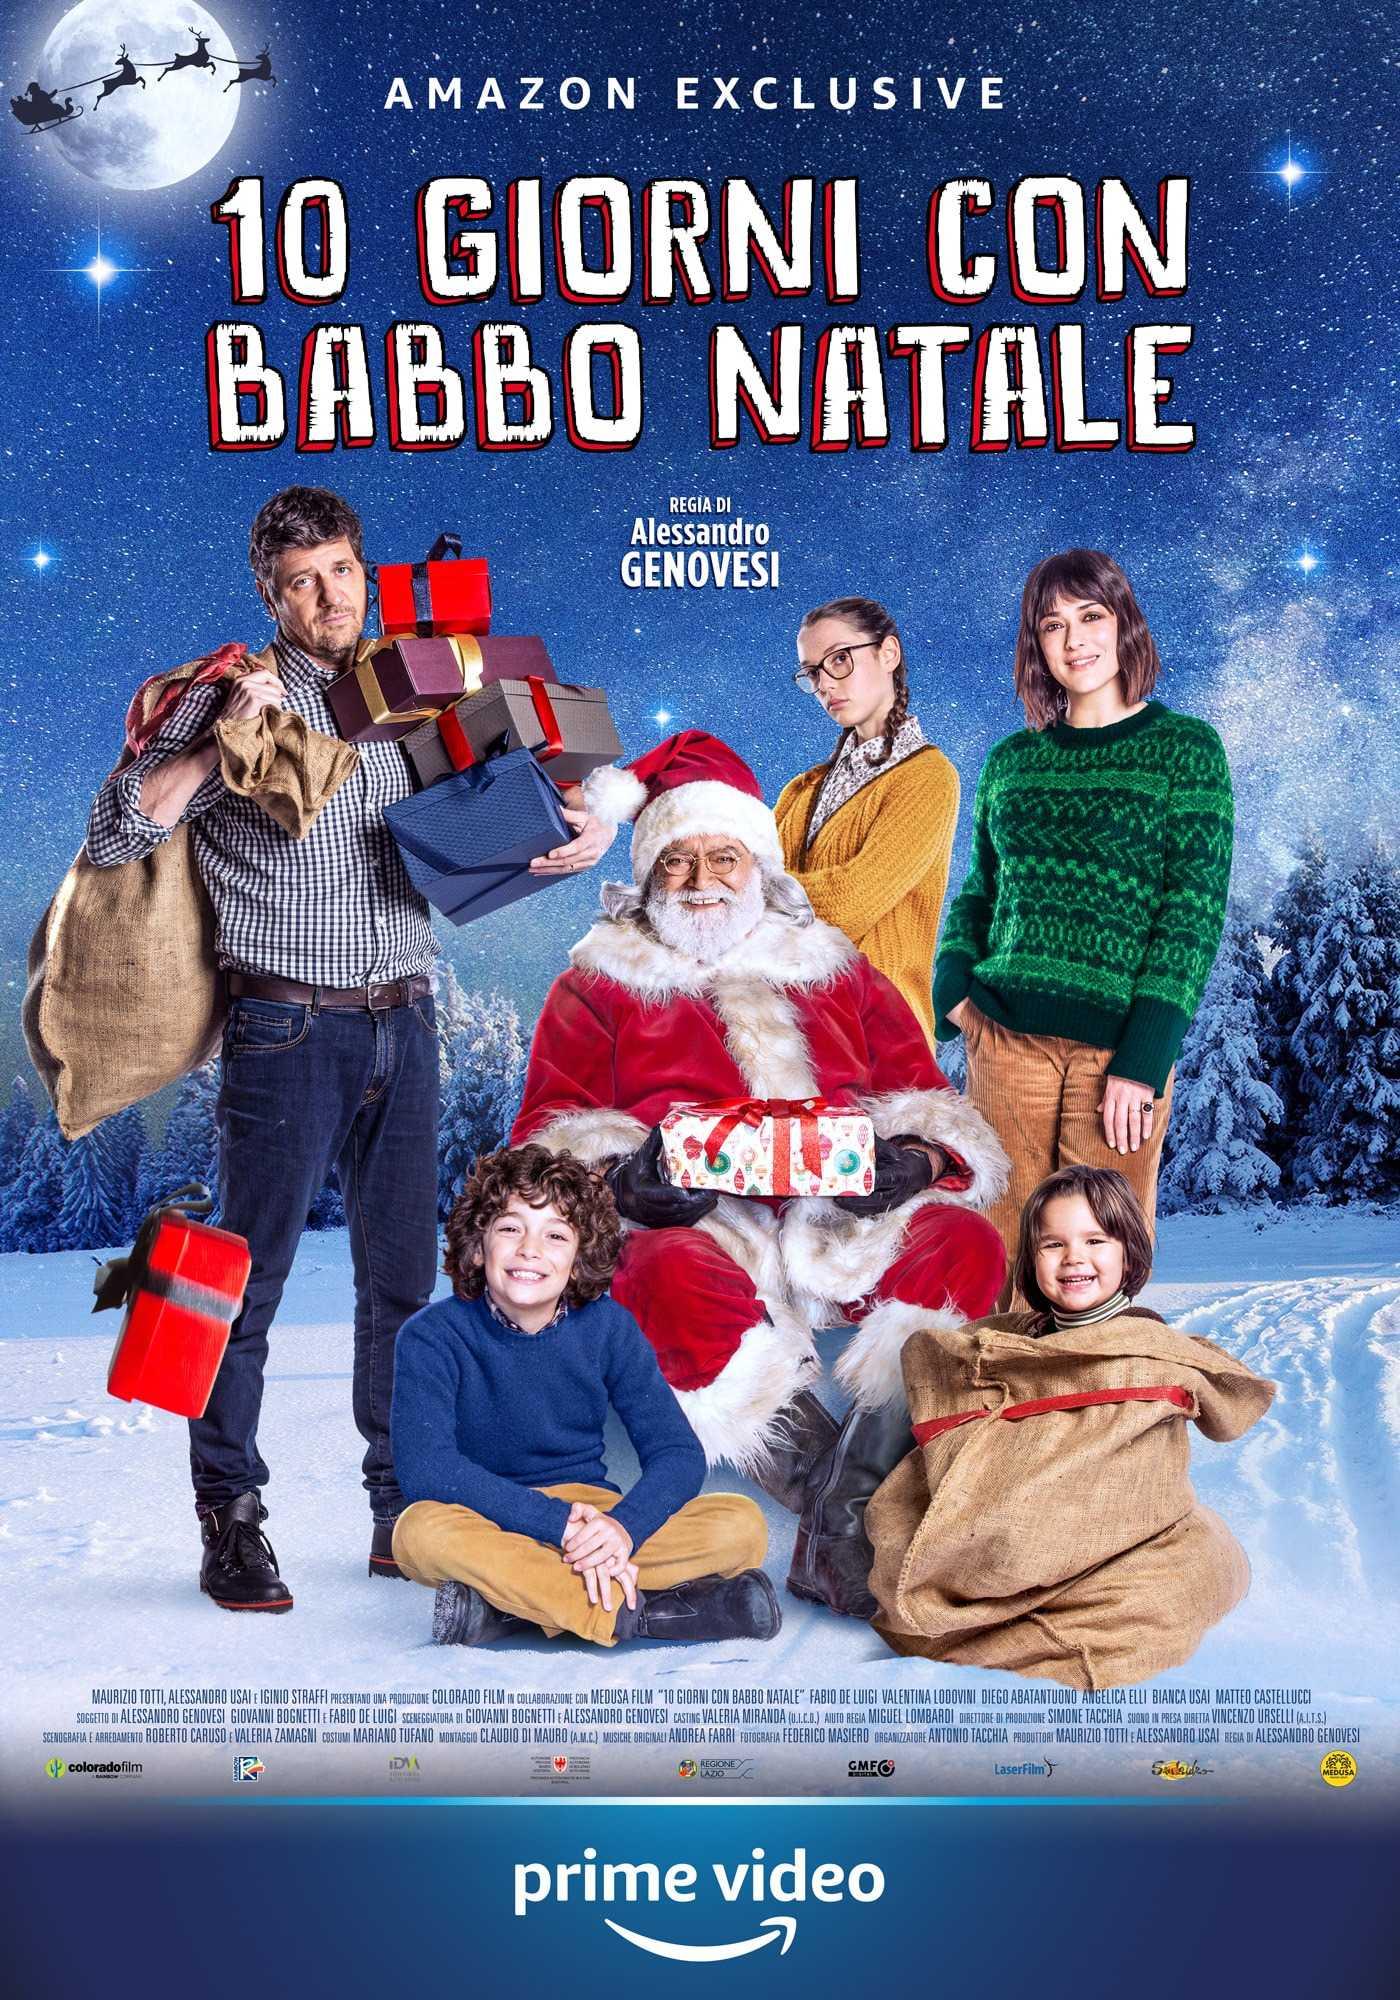 Il Babbo Natale.10 Giorni Con Babbo Natale 2020 Imdb